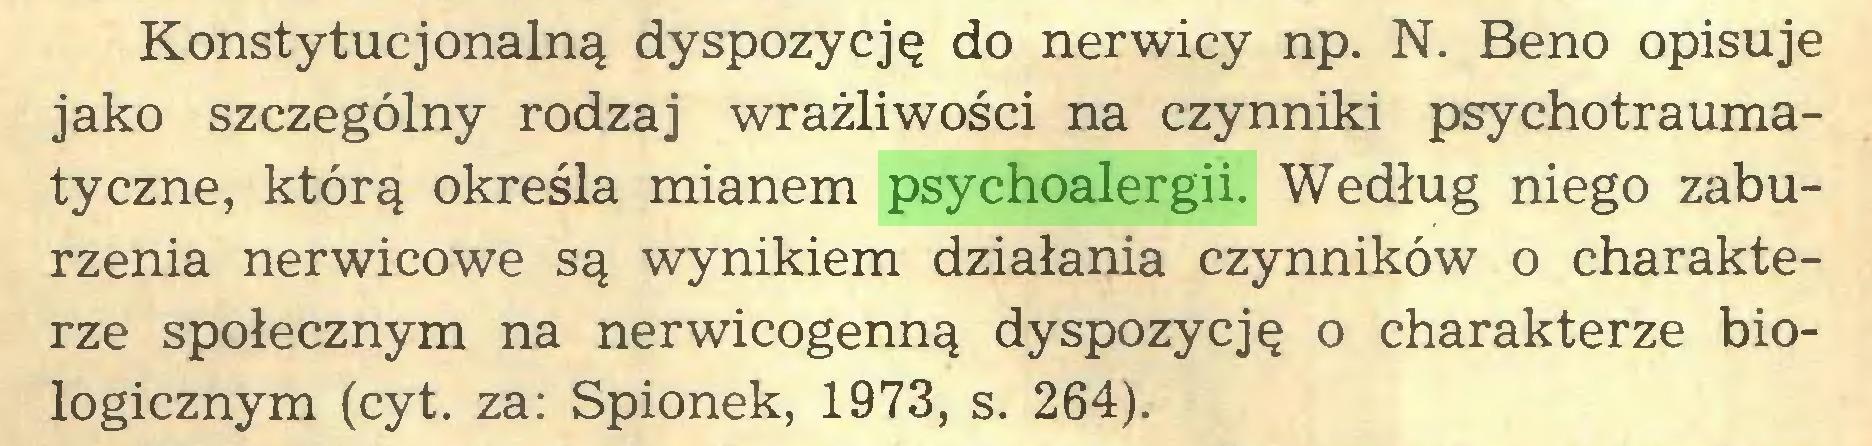 (...) Konstytucjonalną dyspozycję do nerwicy np. N. Beno opisuje jako szczególny rodzaj wrażliwości na czynniki psychotraumatyczne, którą określa mianem psychoalergii. Według niego zaburzenia nerwicowe są wynikiem działania czynników o charakterze społecznym na nerwicogenną dyspozycję o charakterze biologicznym (cyt. za: Spionek, 1973, s. 264)...